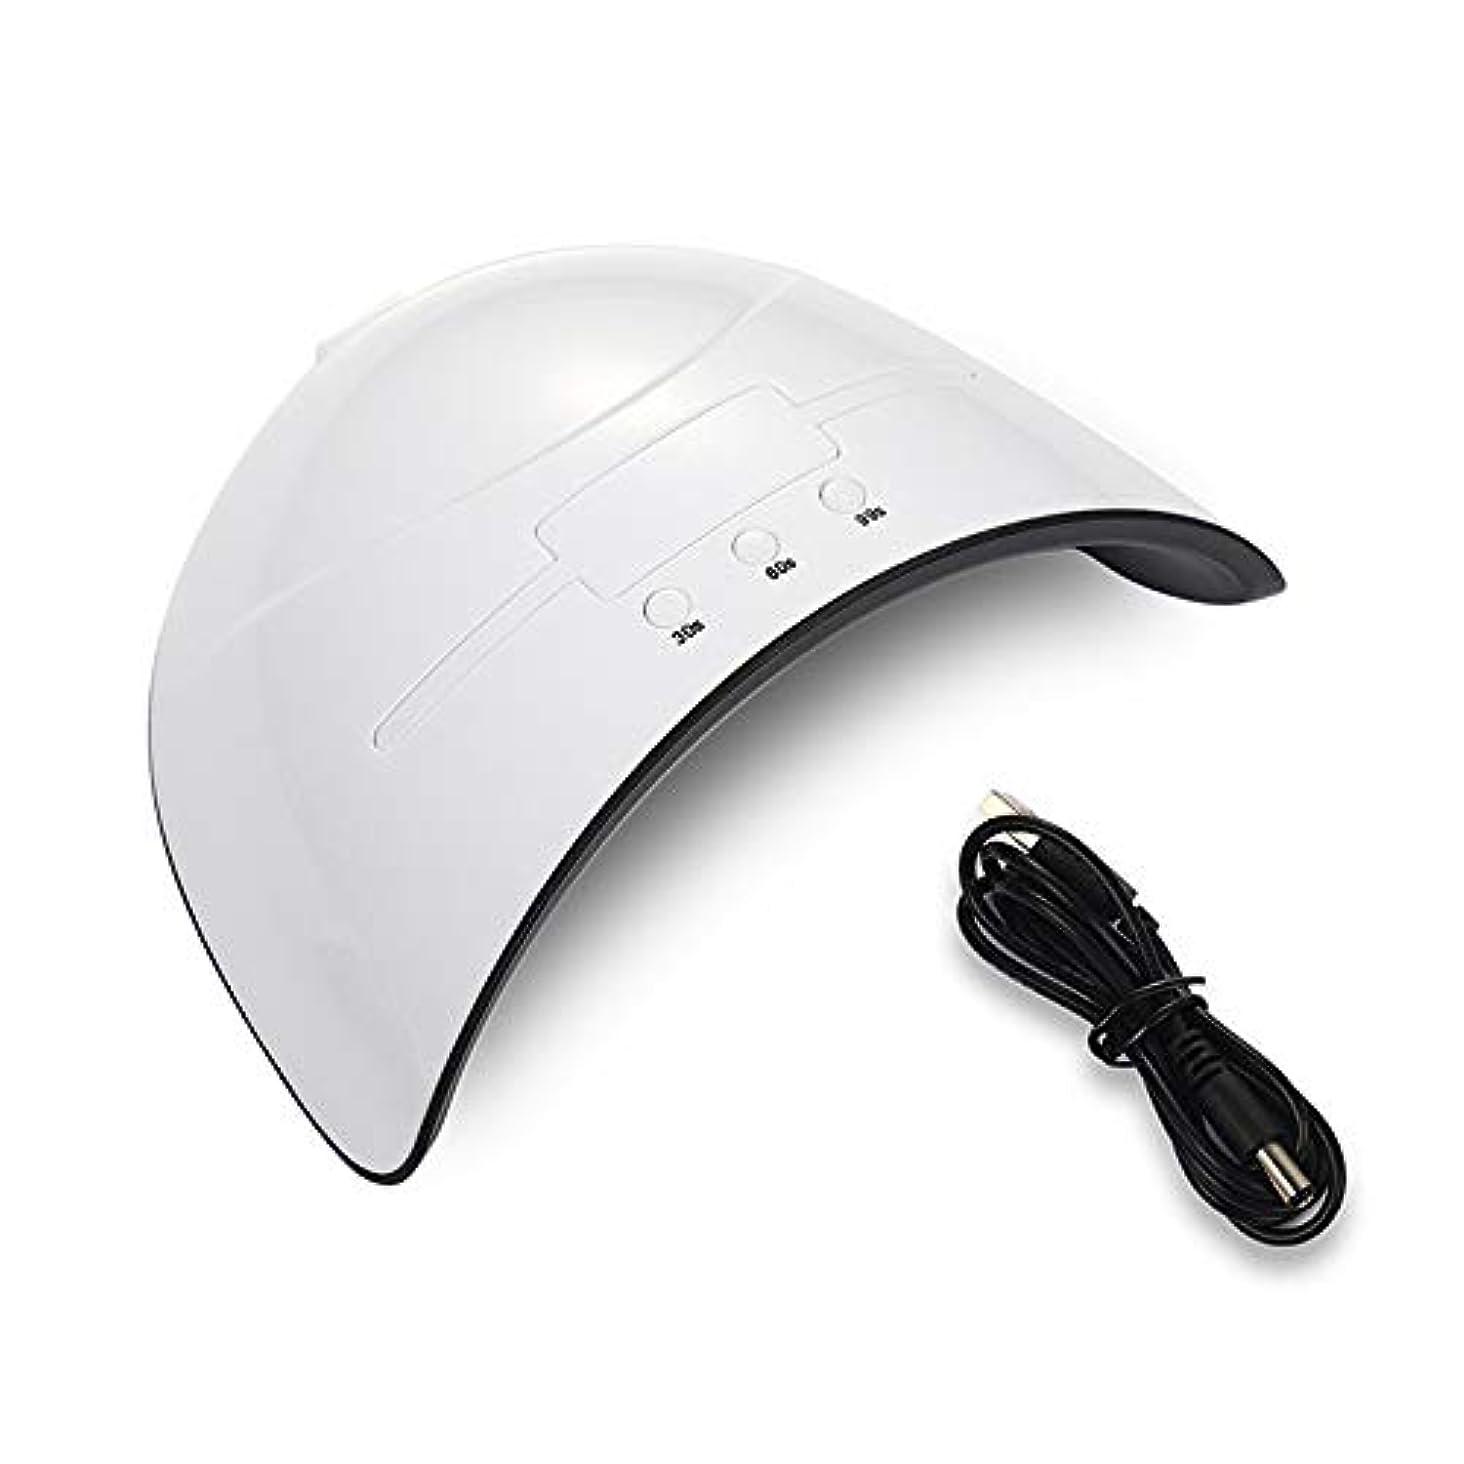 メイトぬいぐるみプランターUSBネイルランプ、LED光線療法機/乾燥機、スマートネイル光線療法ランプ、UVランプ - 36W(ホワイト)